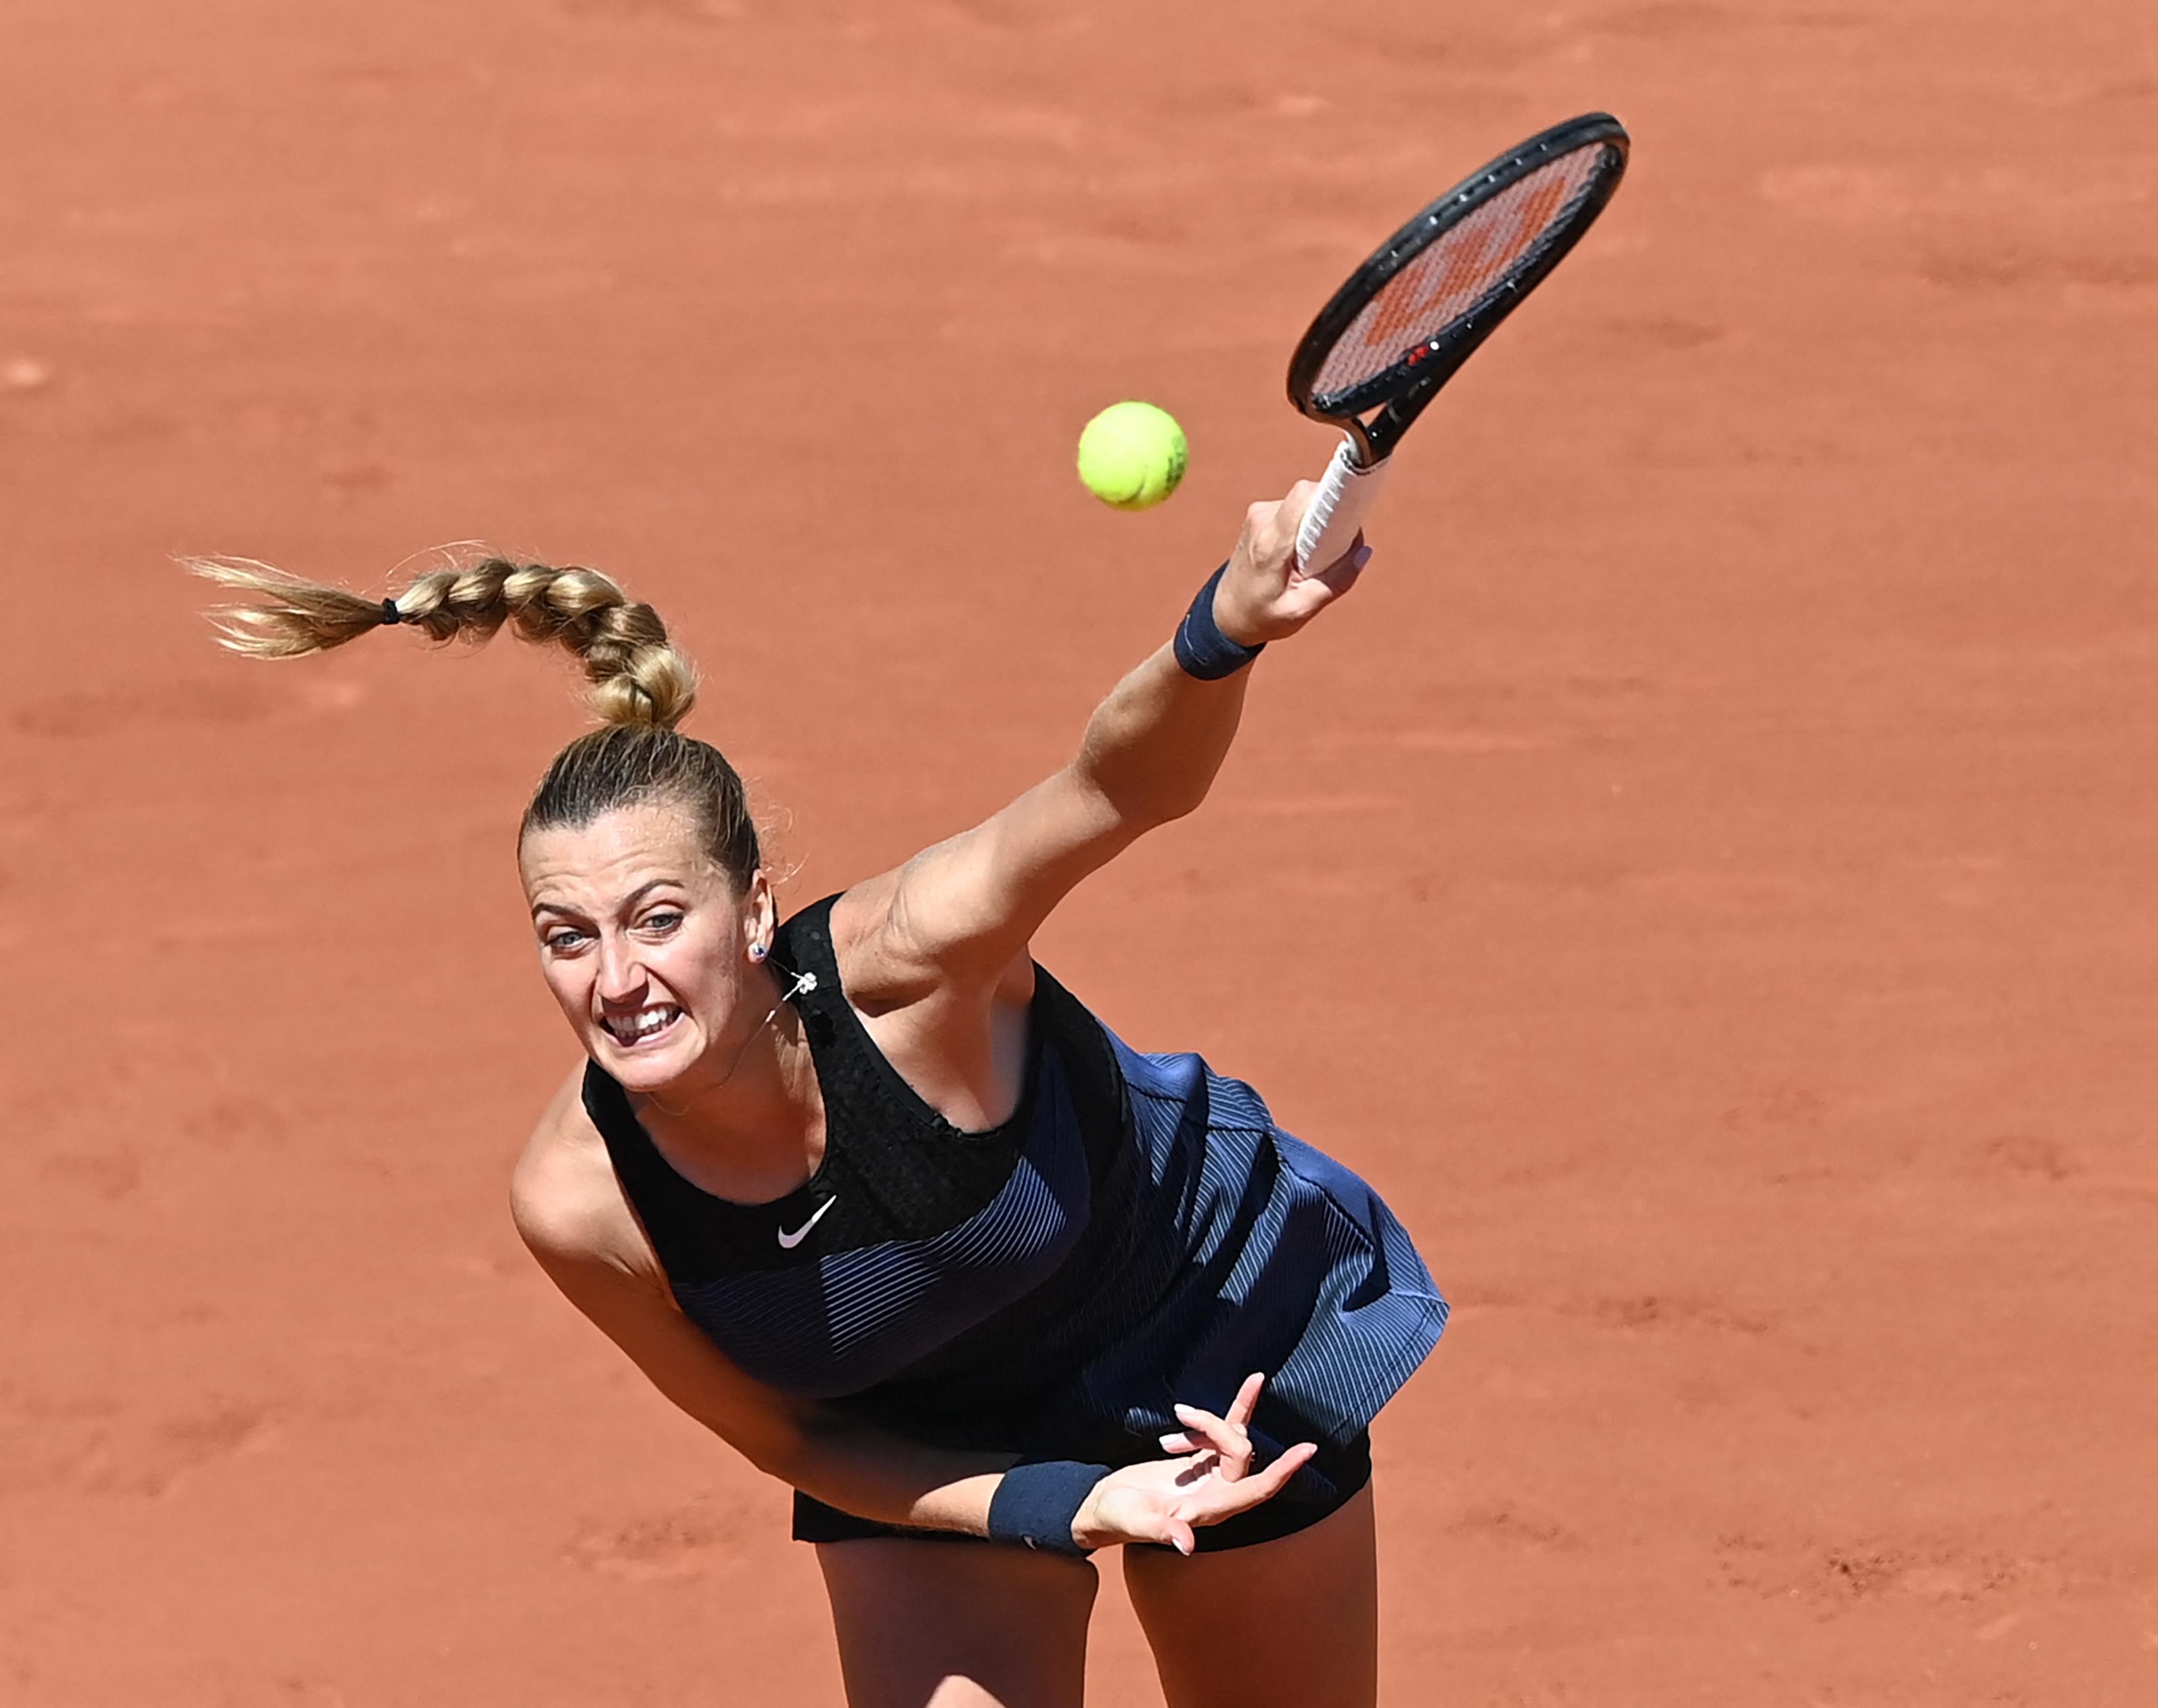 Újabb teniszező fejezte be a Roland Garrost sajtótájékoztató miatt